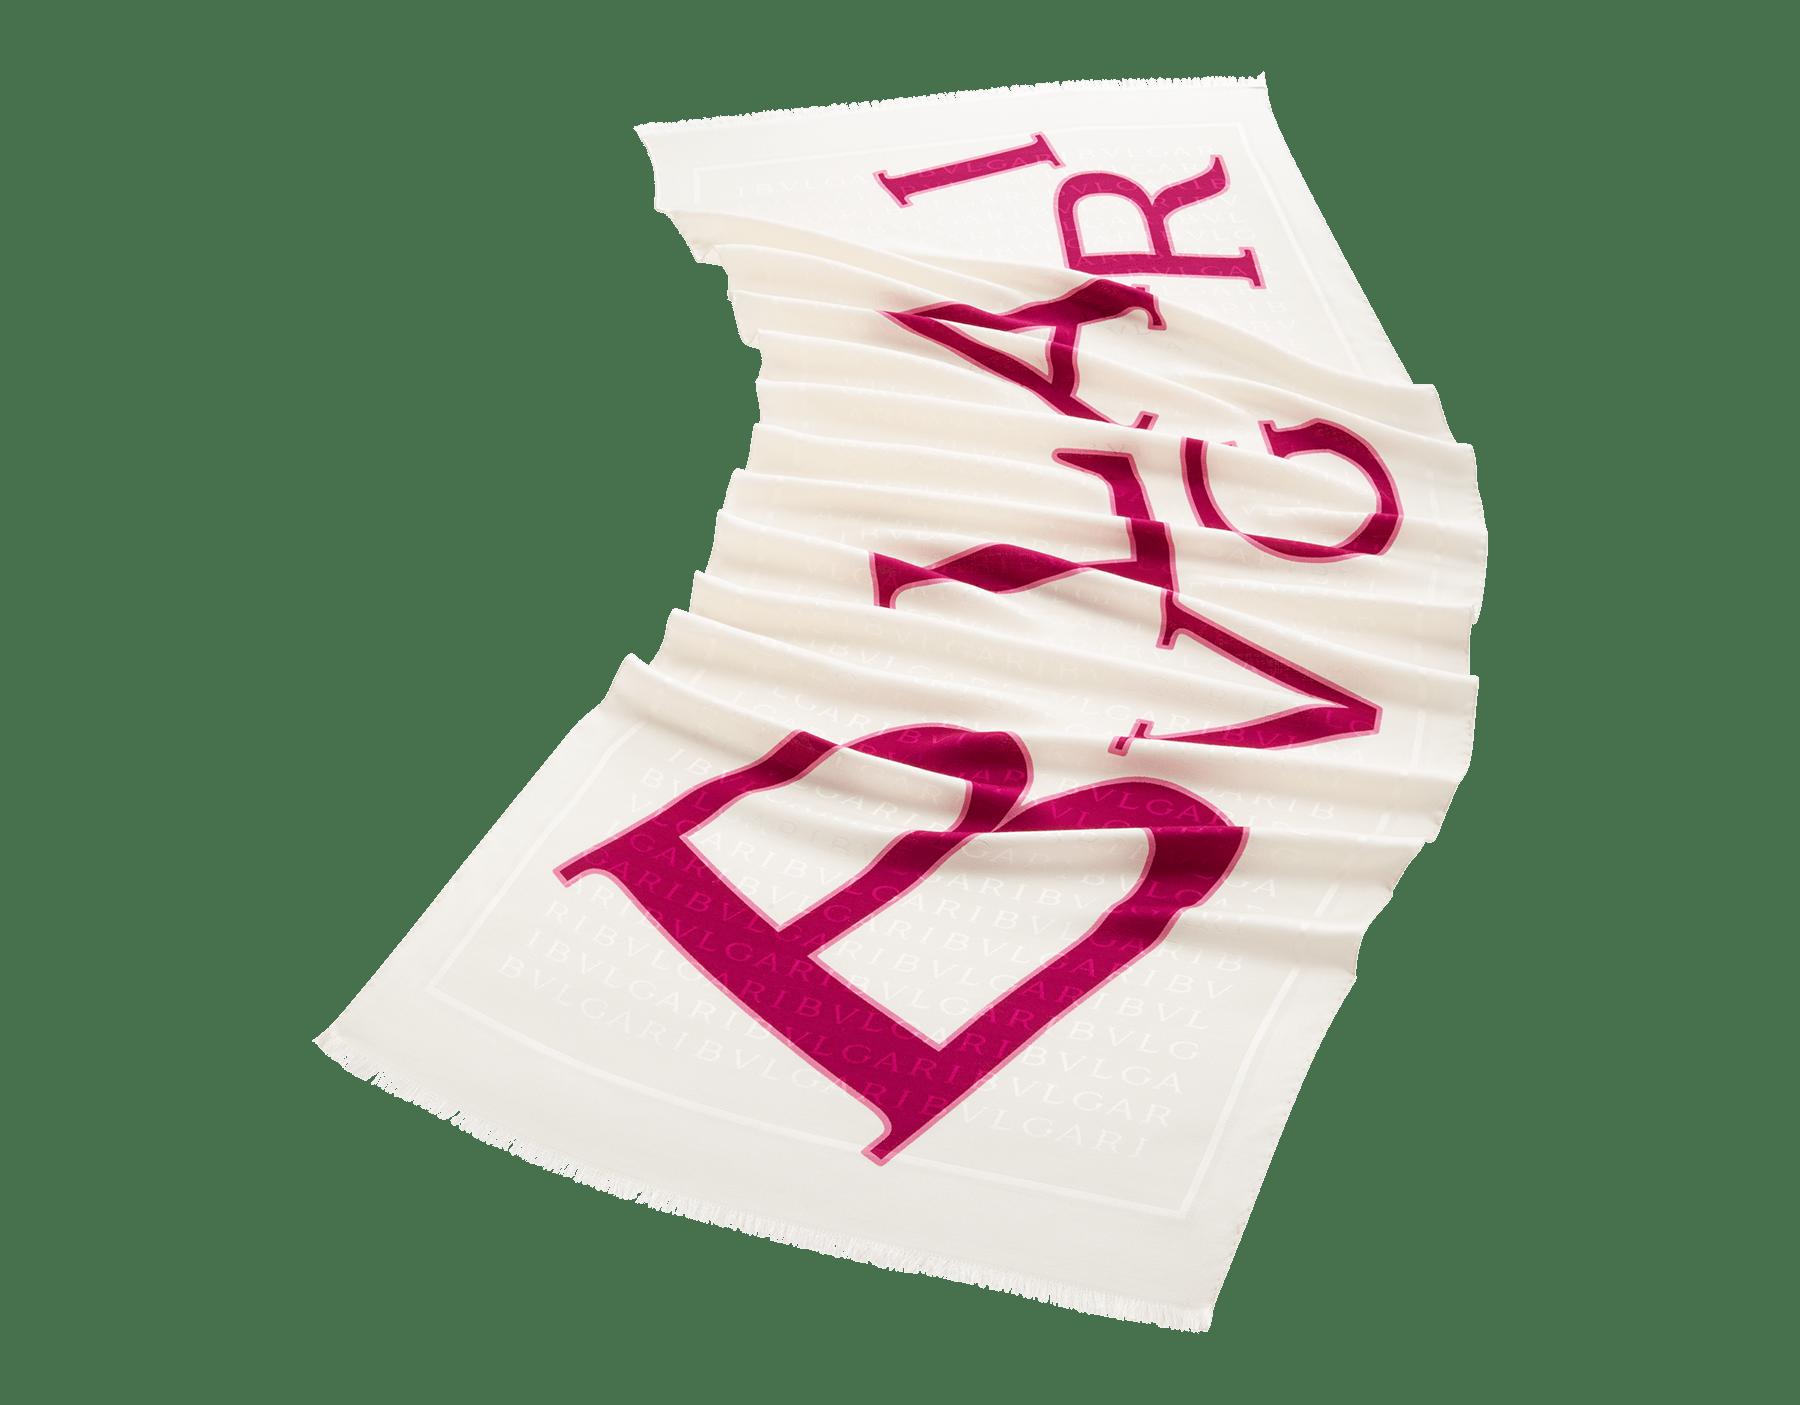 Étole Lettere Bvlgari en laine et soie fine blanche. 244550 image 1